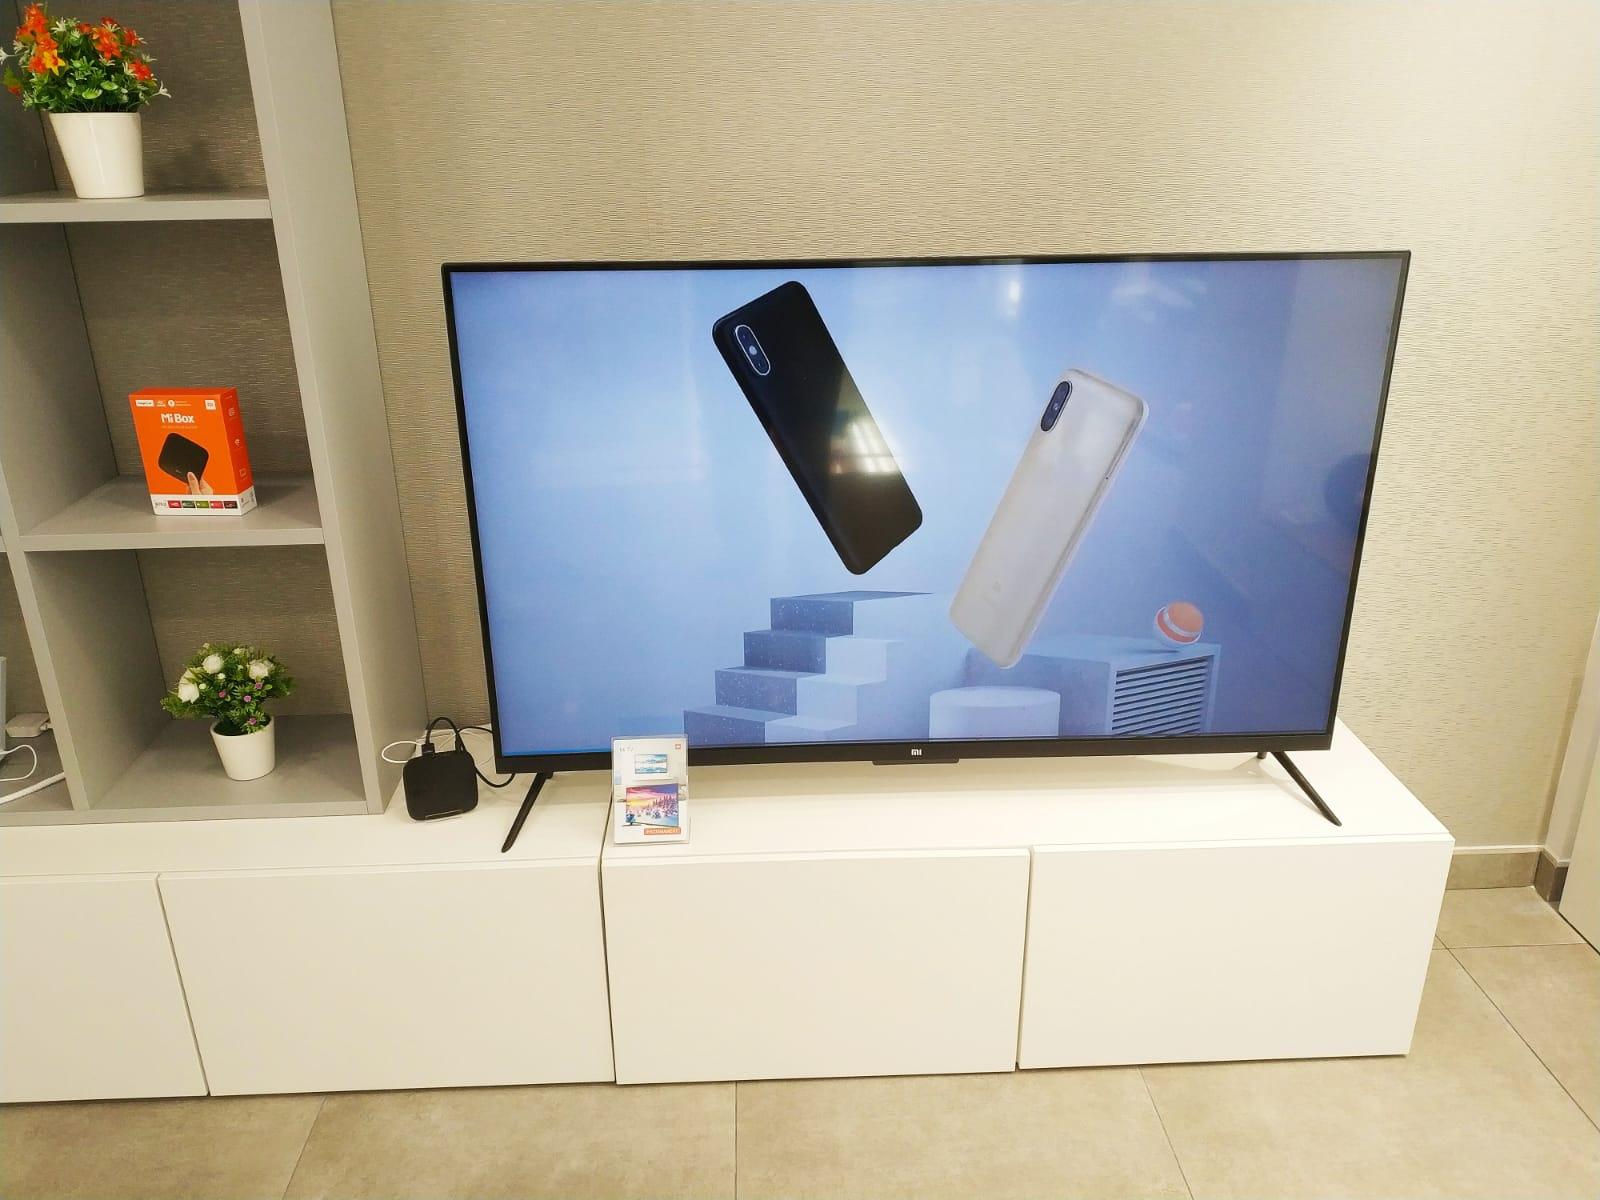 Xiaomi España Xiaomi en España y toda Europa es una de las marcas de la última década con más repercusión. Con su llegada al terreno tecnológico hace solo unos pocos años (fue fundada en el 2010) desde China, la compañía ha conseguido revolucionar el mercado de gadtes de todo tipo. Centrándose en un primer momento por smartphones y accesorios de calidad, poco a poco hemos visto como la gran marca asiática Xiaomi ha expandido su producción a todo tipo de productos: smartphones, tablets, TVbox, cámaras de acción, cámaras réflex, auriculares, equipos de sonido, portátiles, TVs, wareables, accesorios de todo tipo,…. y hasta ropa, calzado, bombillas, básculas y aspiradores, entre muchos otros. Xiaomi en España y en todo el Mundo Xiaomi esta presente ahora, por medio de e-comerces y tiendas autorizadas, en buena parte de America y en toda Europa, incluida España. Si observamos su crecimiento exponencial, en España se ha colado entre las marcas más vendidas. ¿Porqué? Su éxito radica en una filosofía diferente al resto de marcas: apostar por crear productos con una relación calidad-precio de derribo, abaratando los beneficios y acercando la mejor experiencia de uso a sus compradores por un precio un inferior al de la competencia. Comprar móviles Xiaomi en Españacon garantía Una gran parte de éxito de xiaomi se basa en la venta de móviles. En España puedes hacerte con sus smartphones en tiendas que importan sus productos, como la nuestra. Tenemos para ti los mejore modelos del momento como el Xiaomi Redmi Note 4, el Xiaomi Mi 5S, o el flamante Xiaomi Mi Mix. Todos ellos con garantía a 2 años. Comprar tablets Xiaomi en Españaal mejor precio En el apartado de tablets de Xiaomi en España, la marca lo ha sabido hacer muy bien y logro un éxito rotundo con su primer tablet: la Xiaomi Mi pad, un dispositivo de 9,7 pulgadas de pantalla ideal para disfrutar de todo lo que nos gusta tanto en casa como cuando viajemos. Ahora la marca nos presenta su segunda generación, la Xiami Mi Pad 